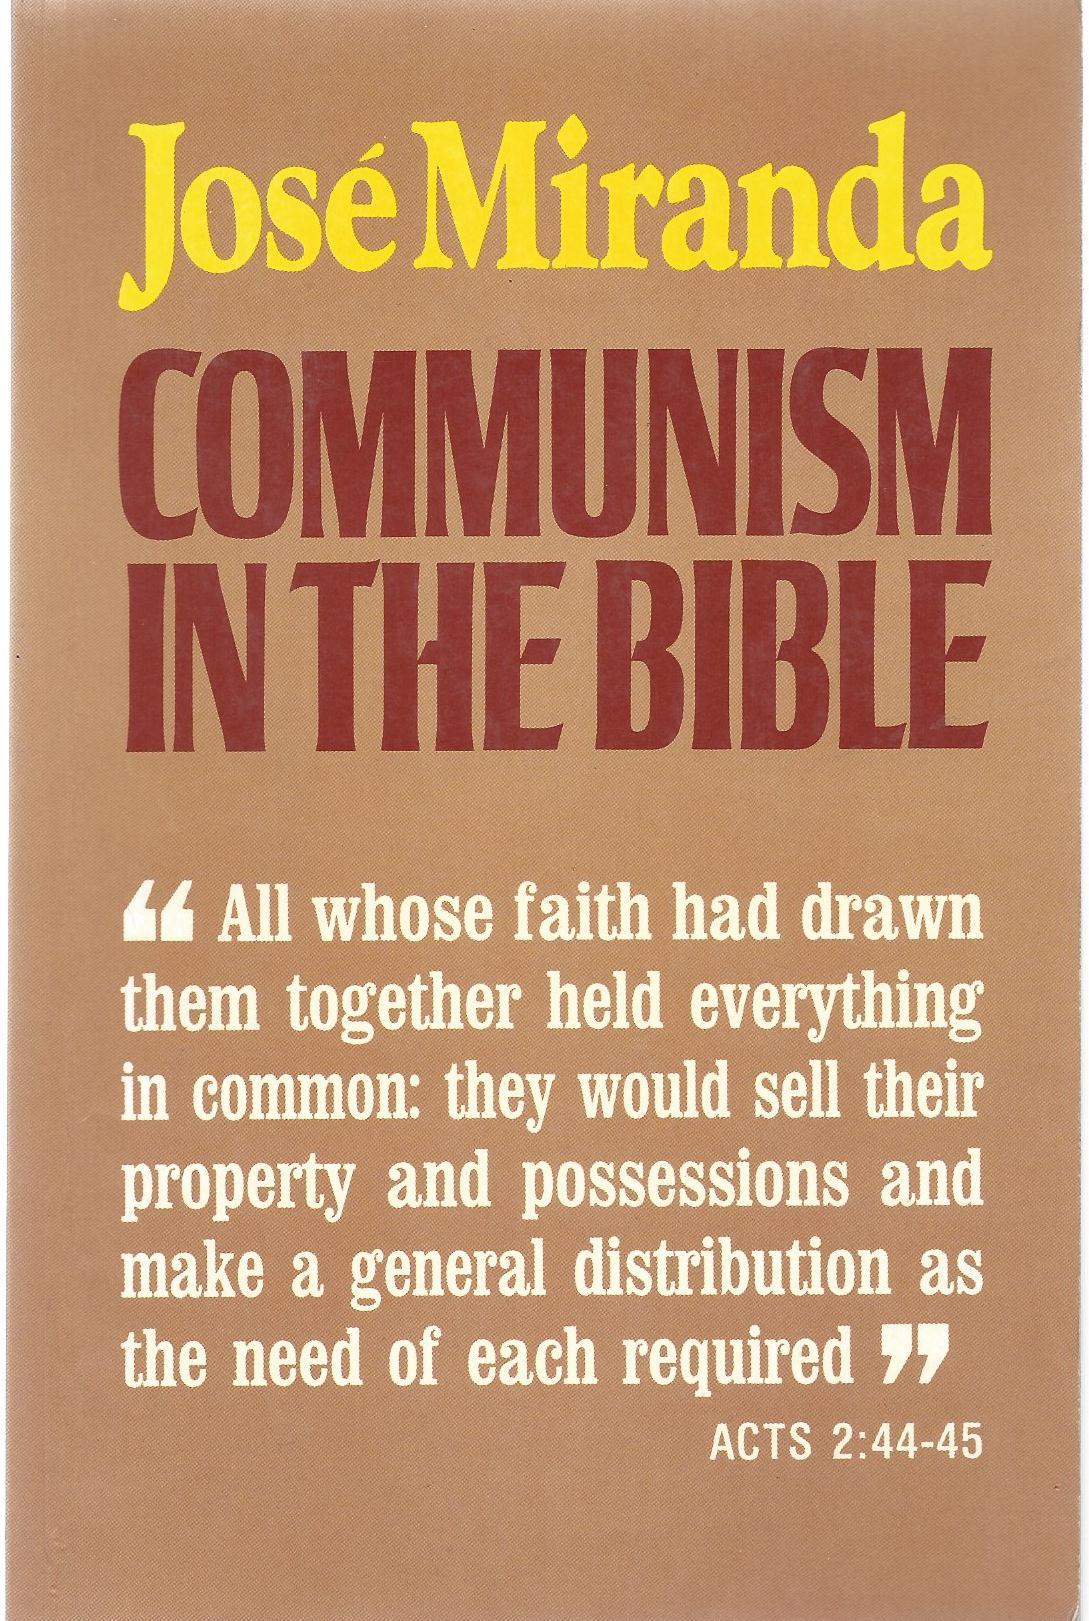 Communism in the Bible Cuarta edici¢n 1989 Orbis Books